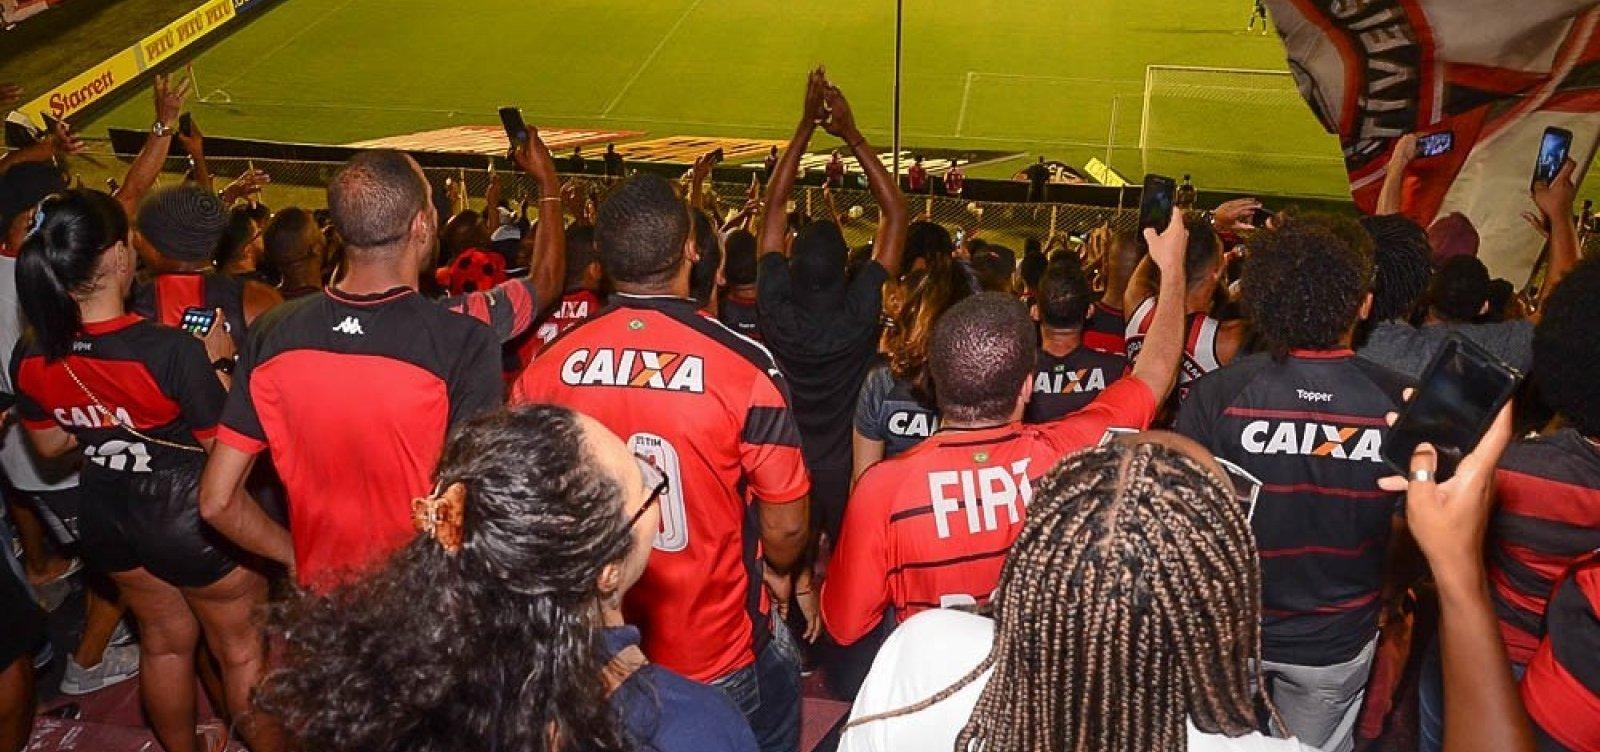 Vitória anuncia promoção com Brahma para jogo no sábado: '4 por R$ 10'